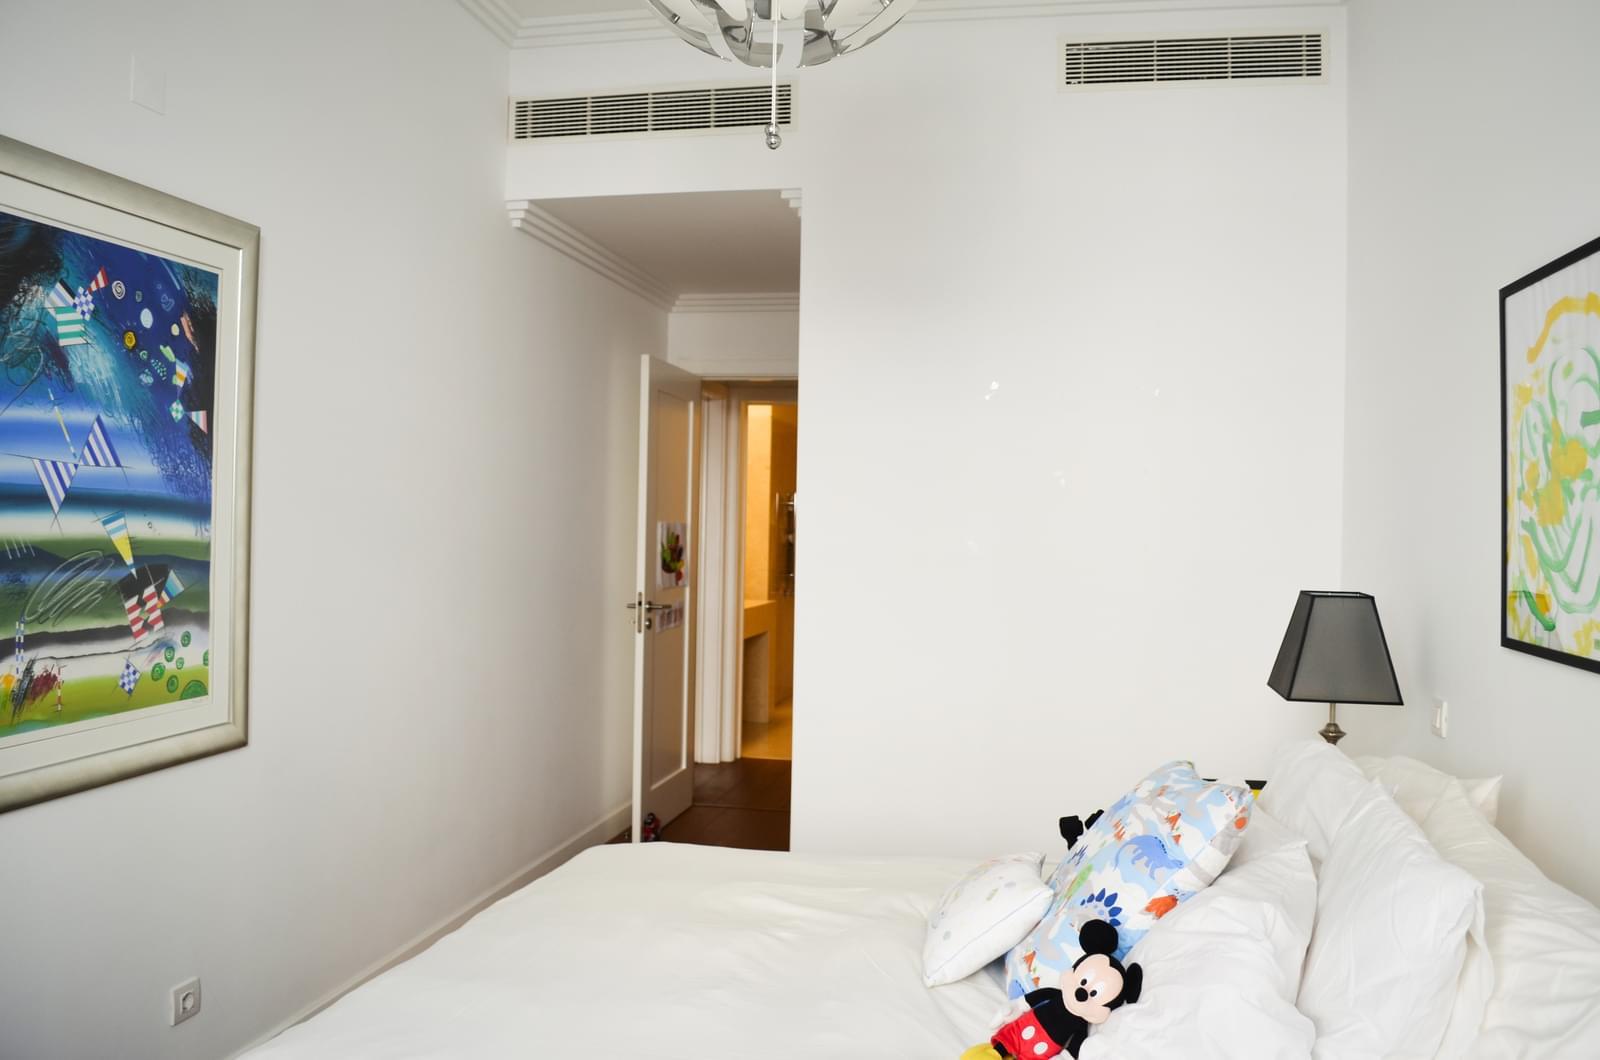 pf18712-apartamento-t2-lisboa-acf1abbc-6fd0-4afd-8d79-8c90e0bb9dd1